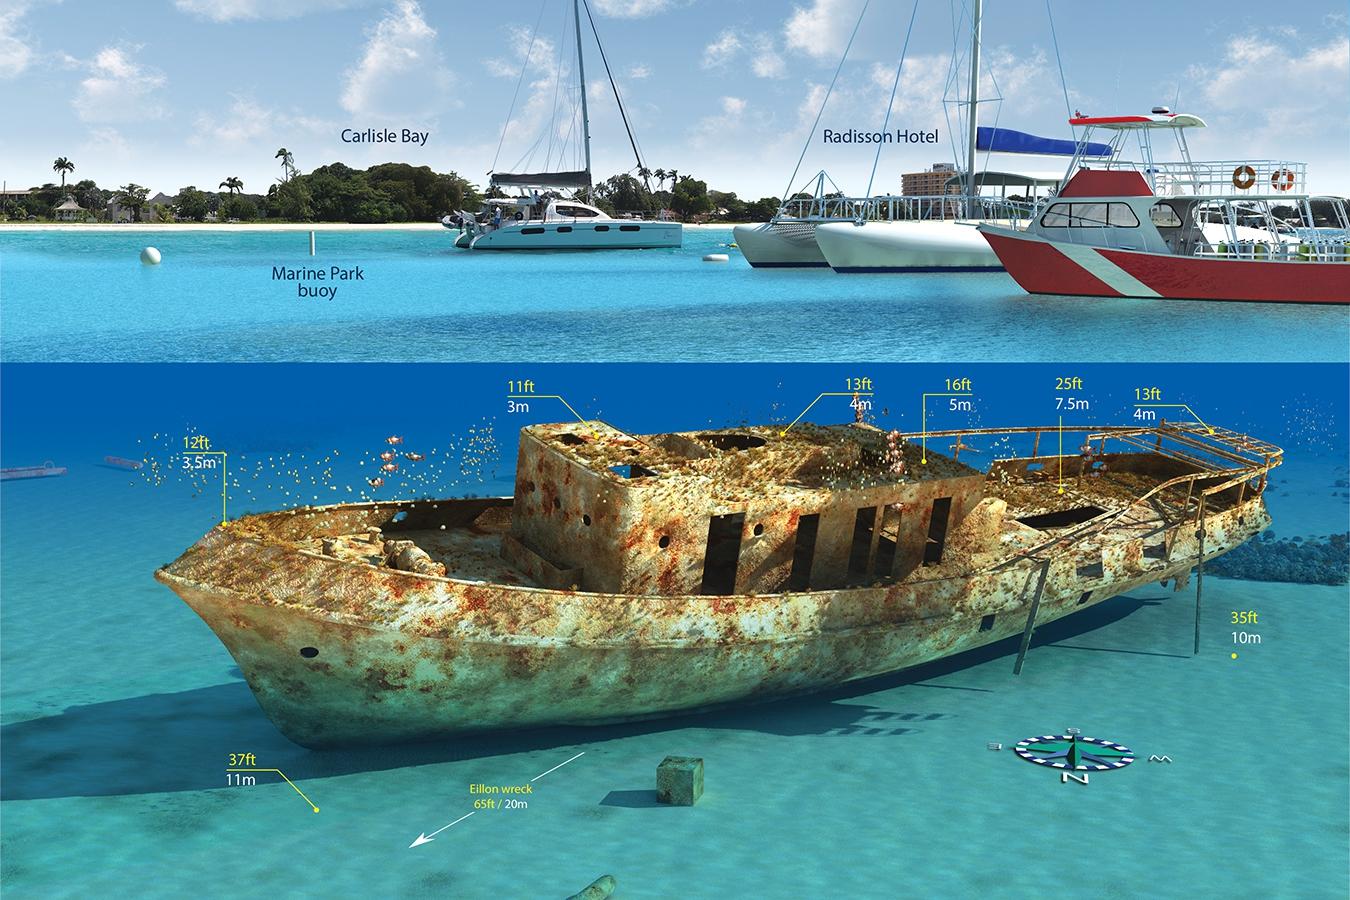 Bajan Queen wreck 3D